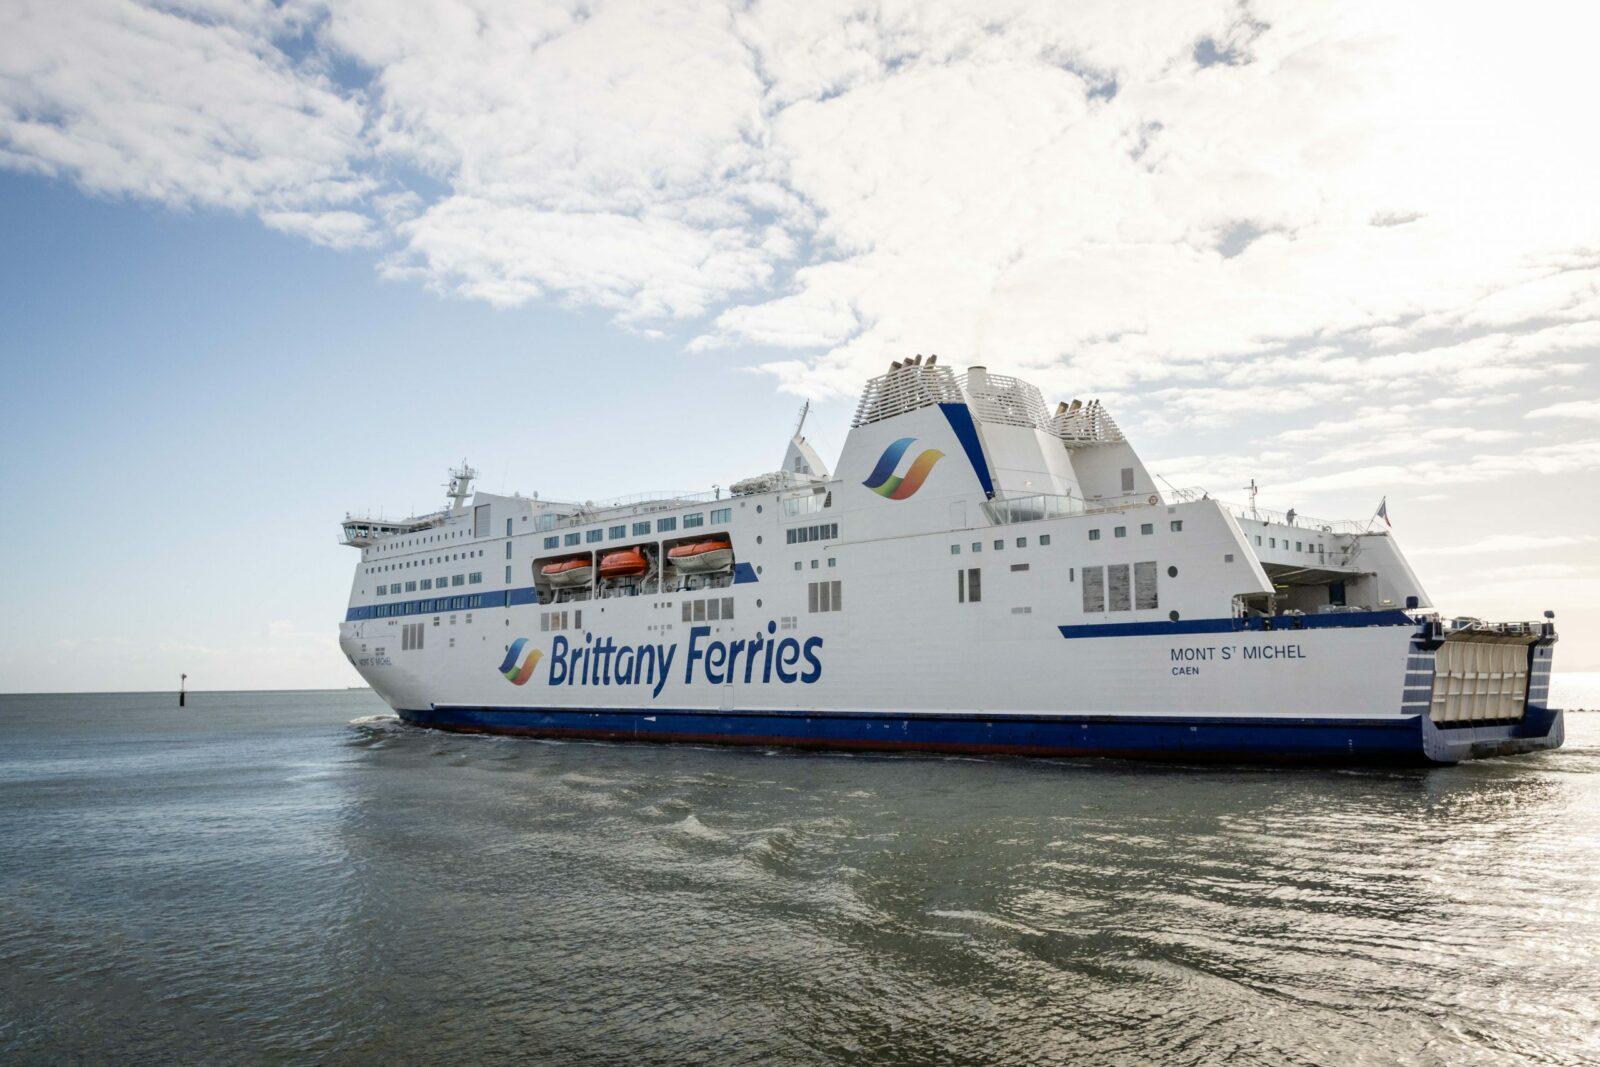 Brittany Ferries confirme la reprise des traversées passagers